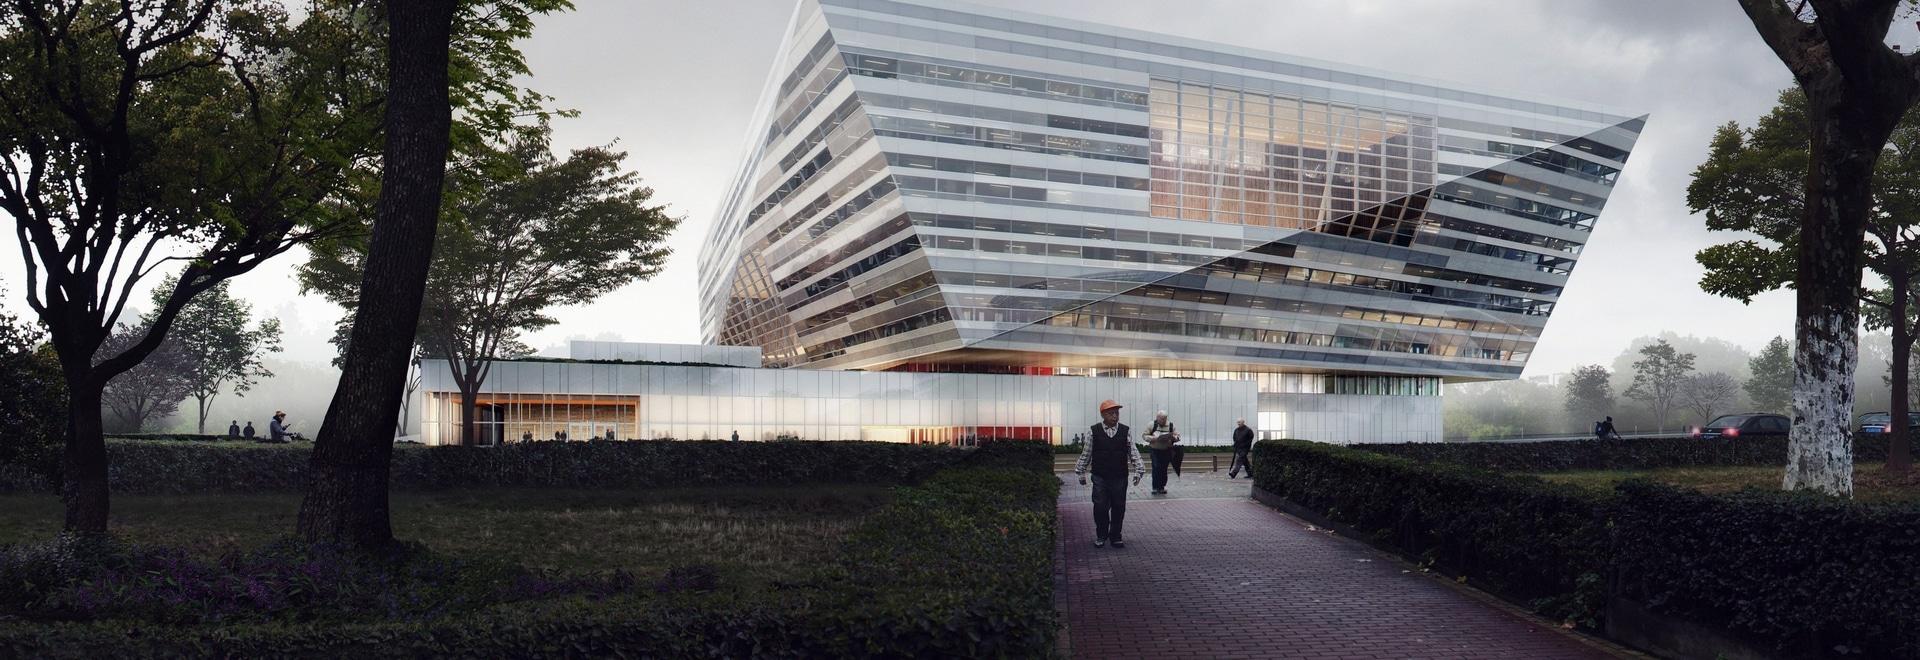 Shanghai East Library